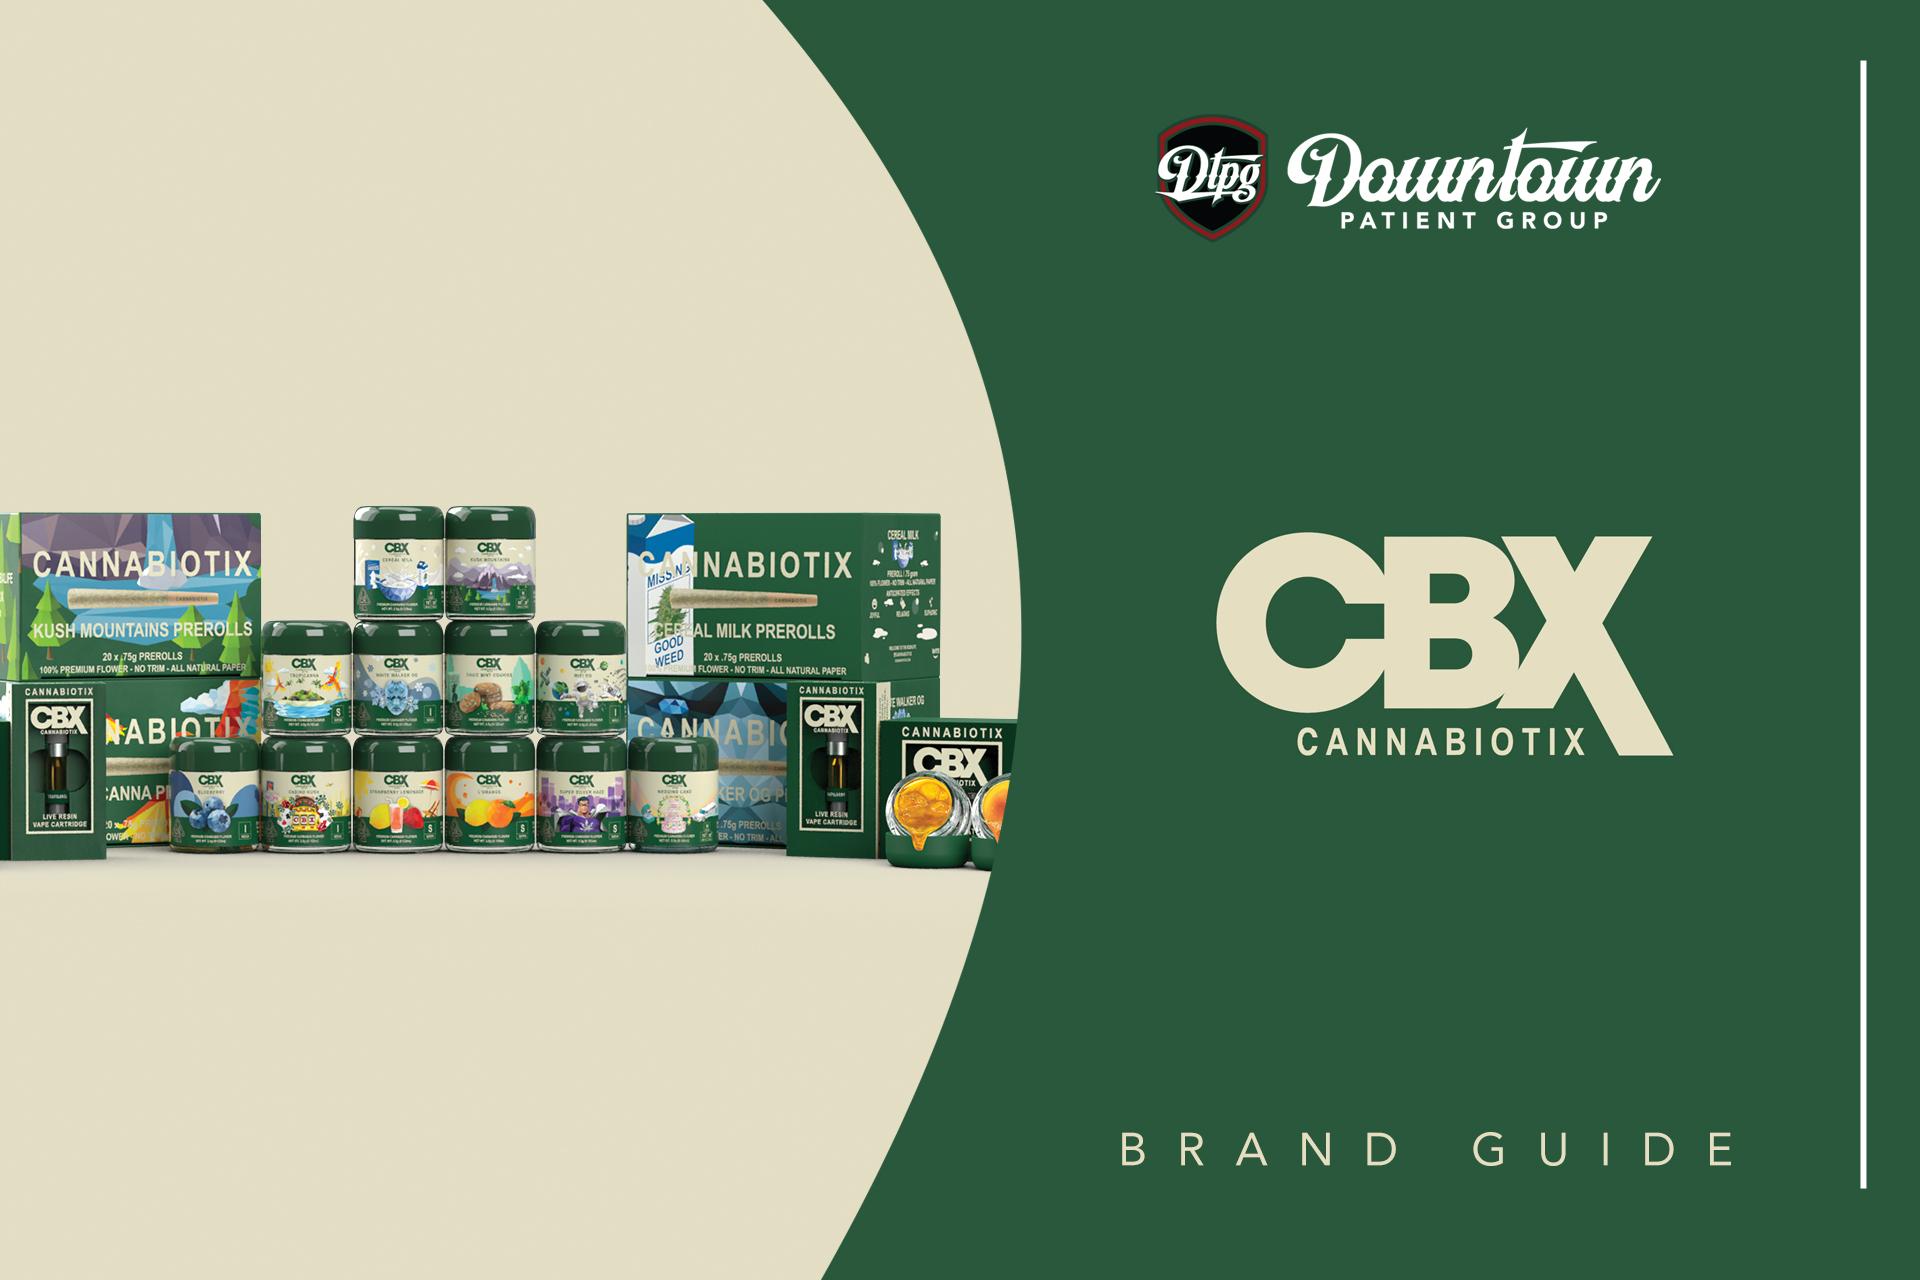 Cannabiotix Brand Guide: Award-Winning High-THC Cannabis Flower At DTPG